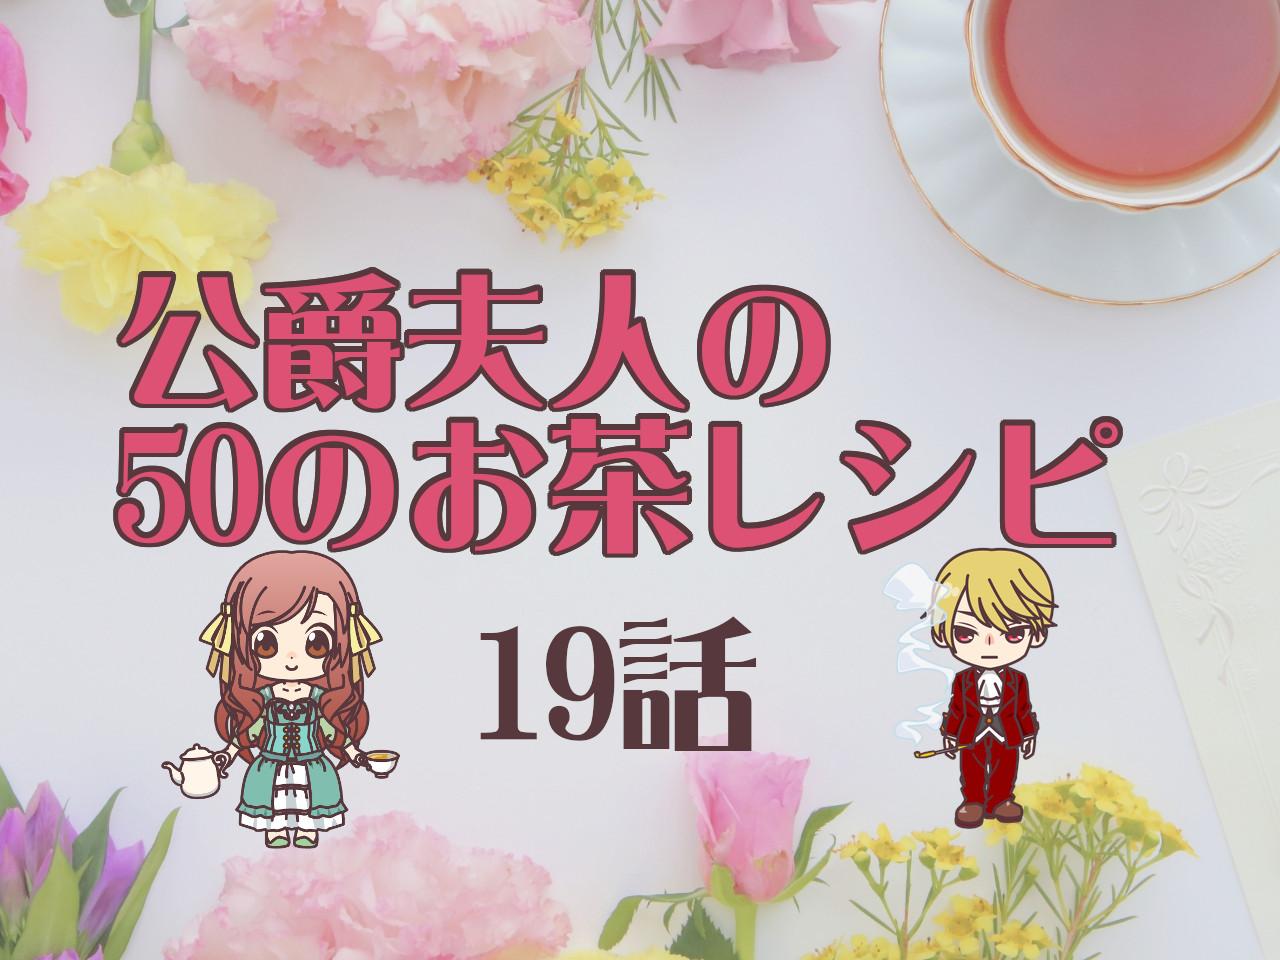 公爵夫人の50のお茶レシピ 19話